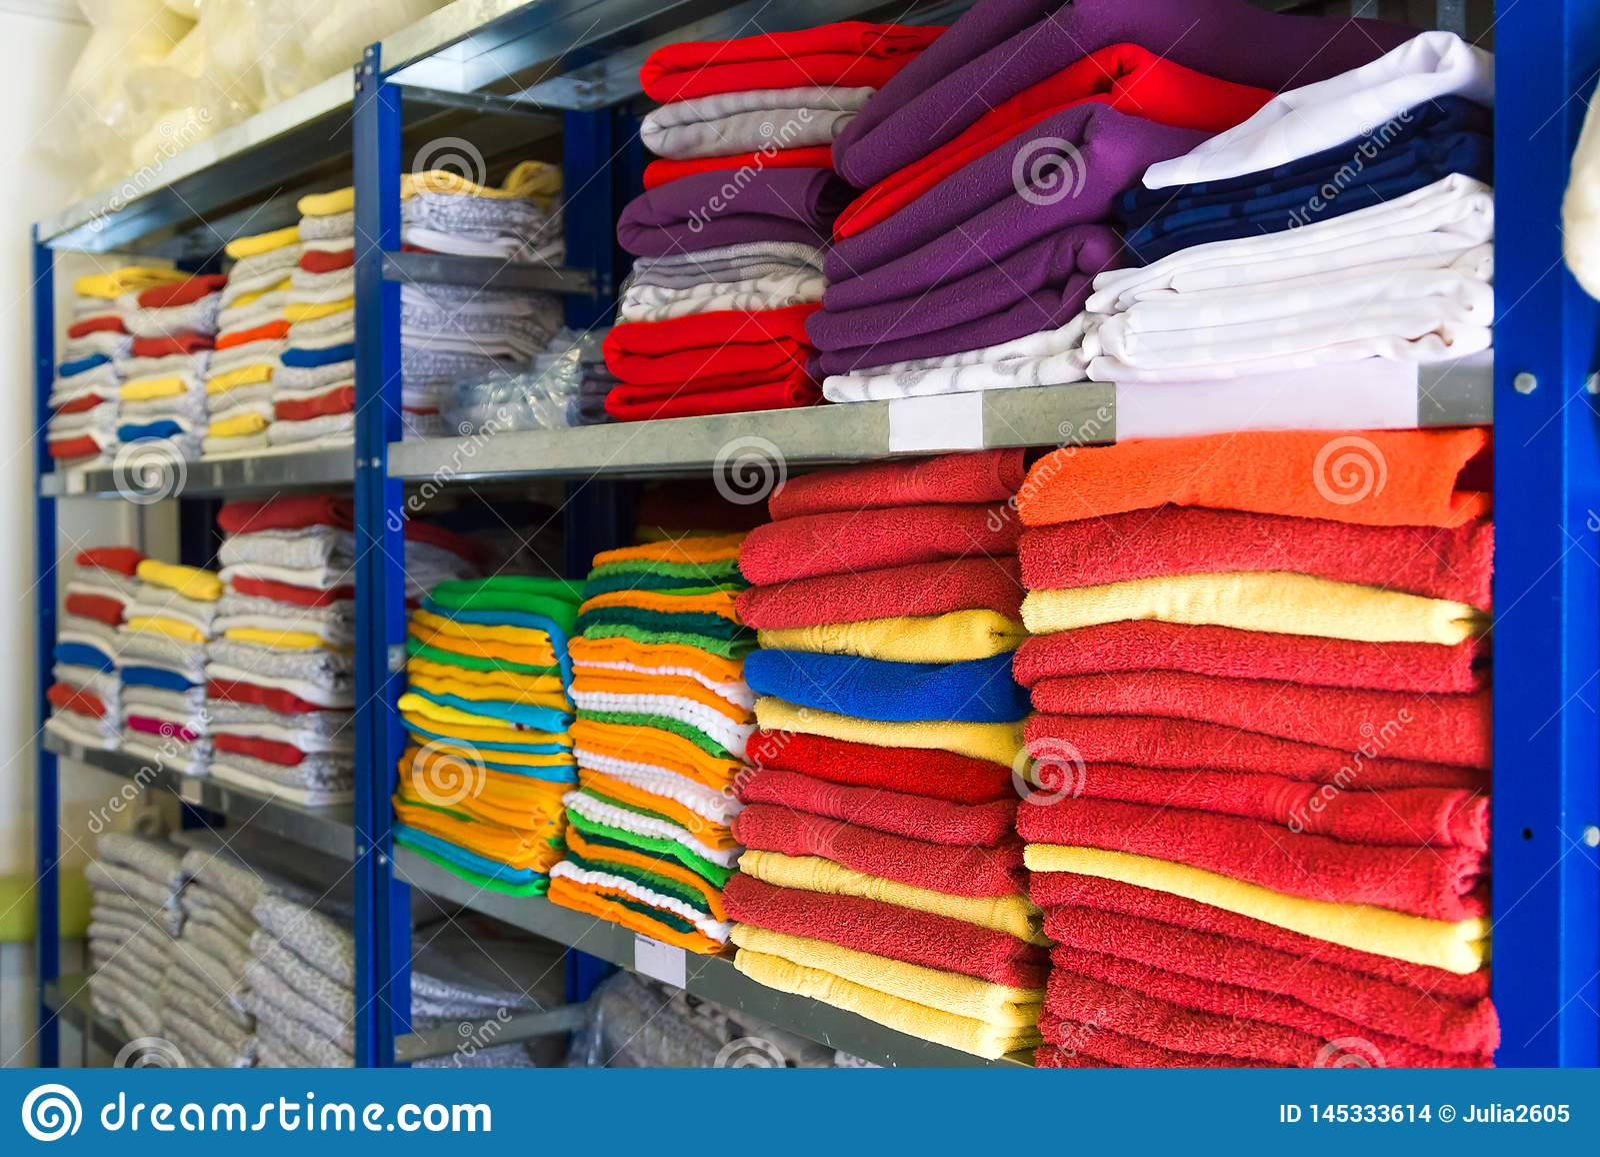 Handdukar, sängark och kläder på hyllan